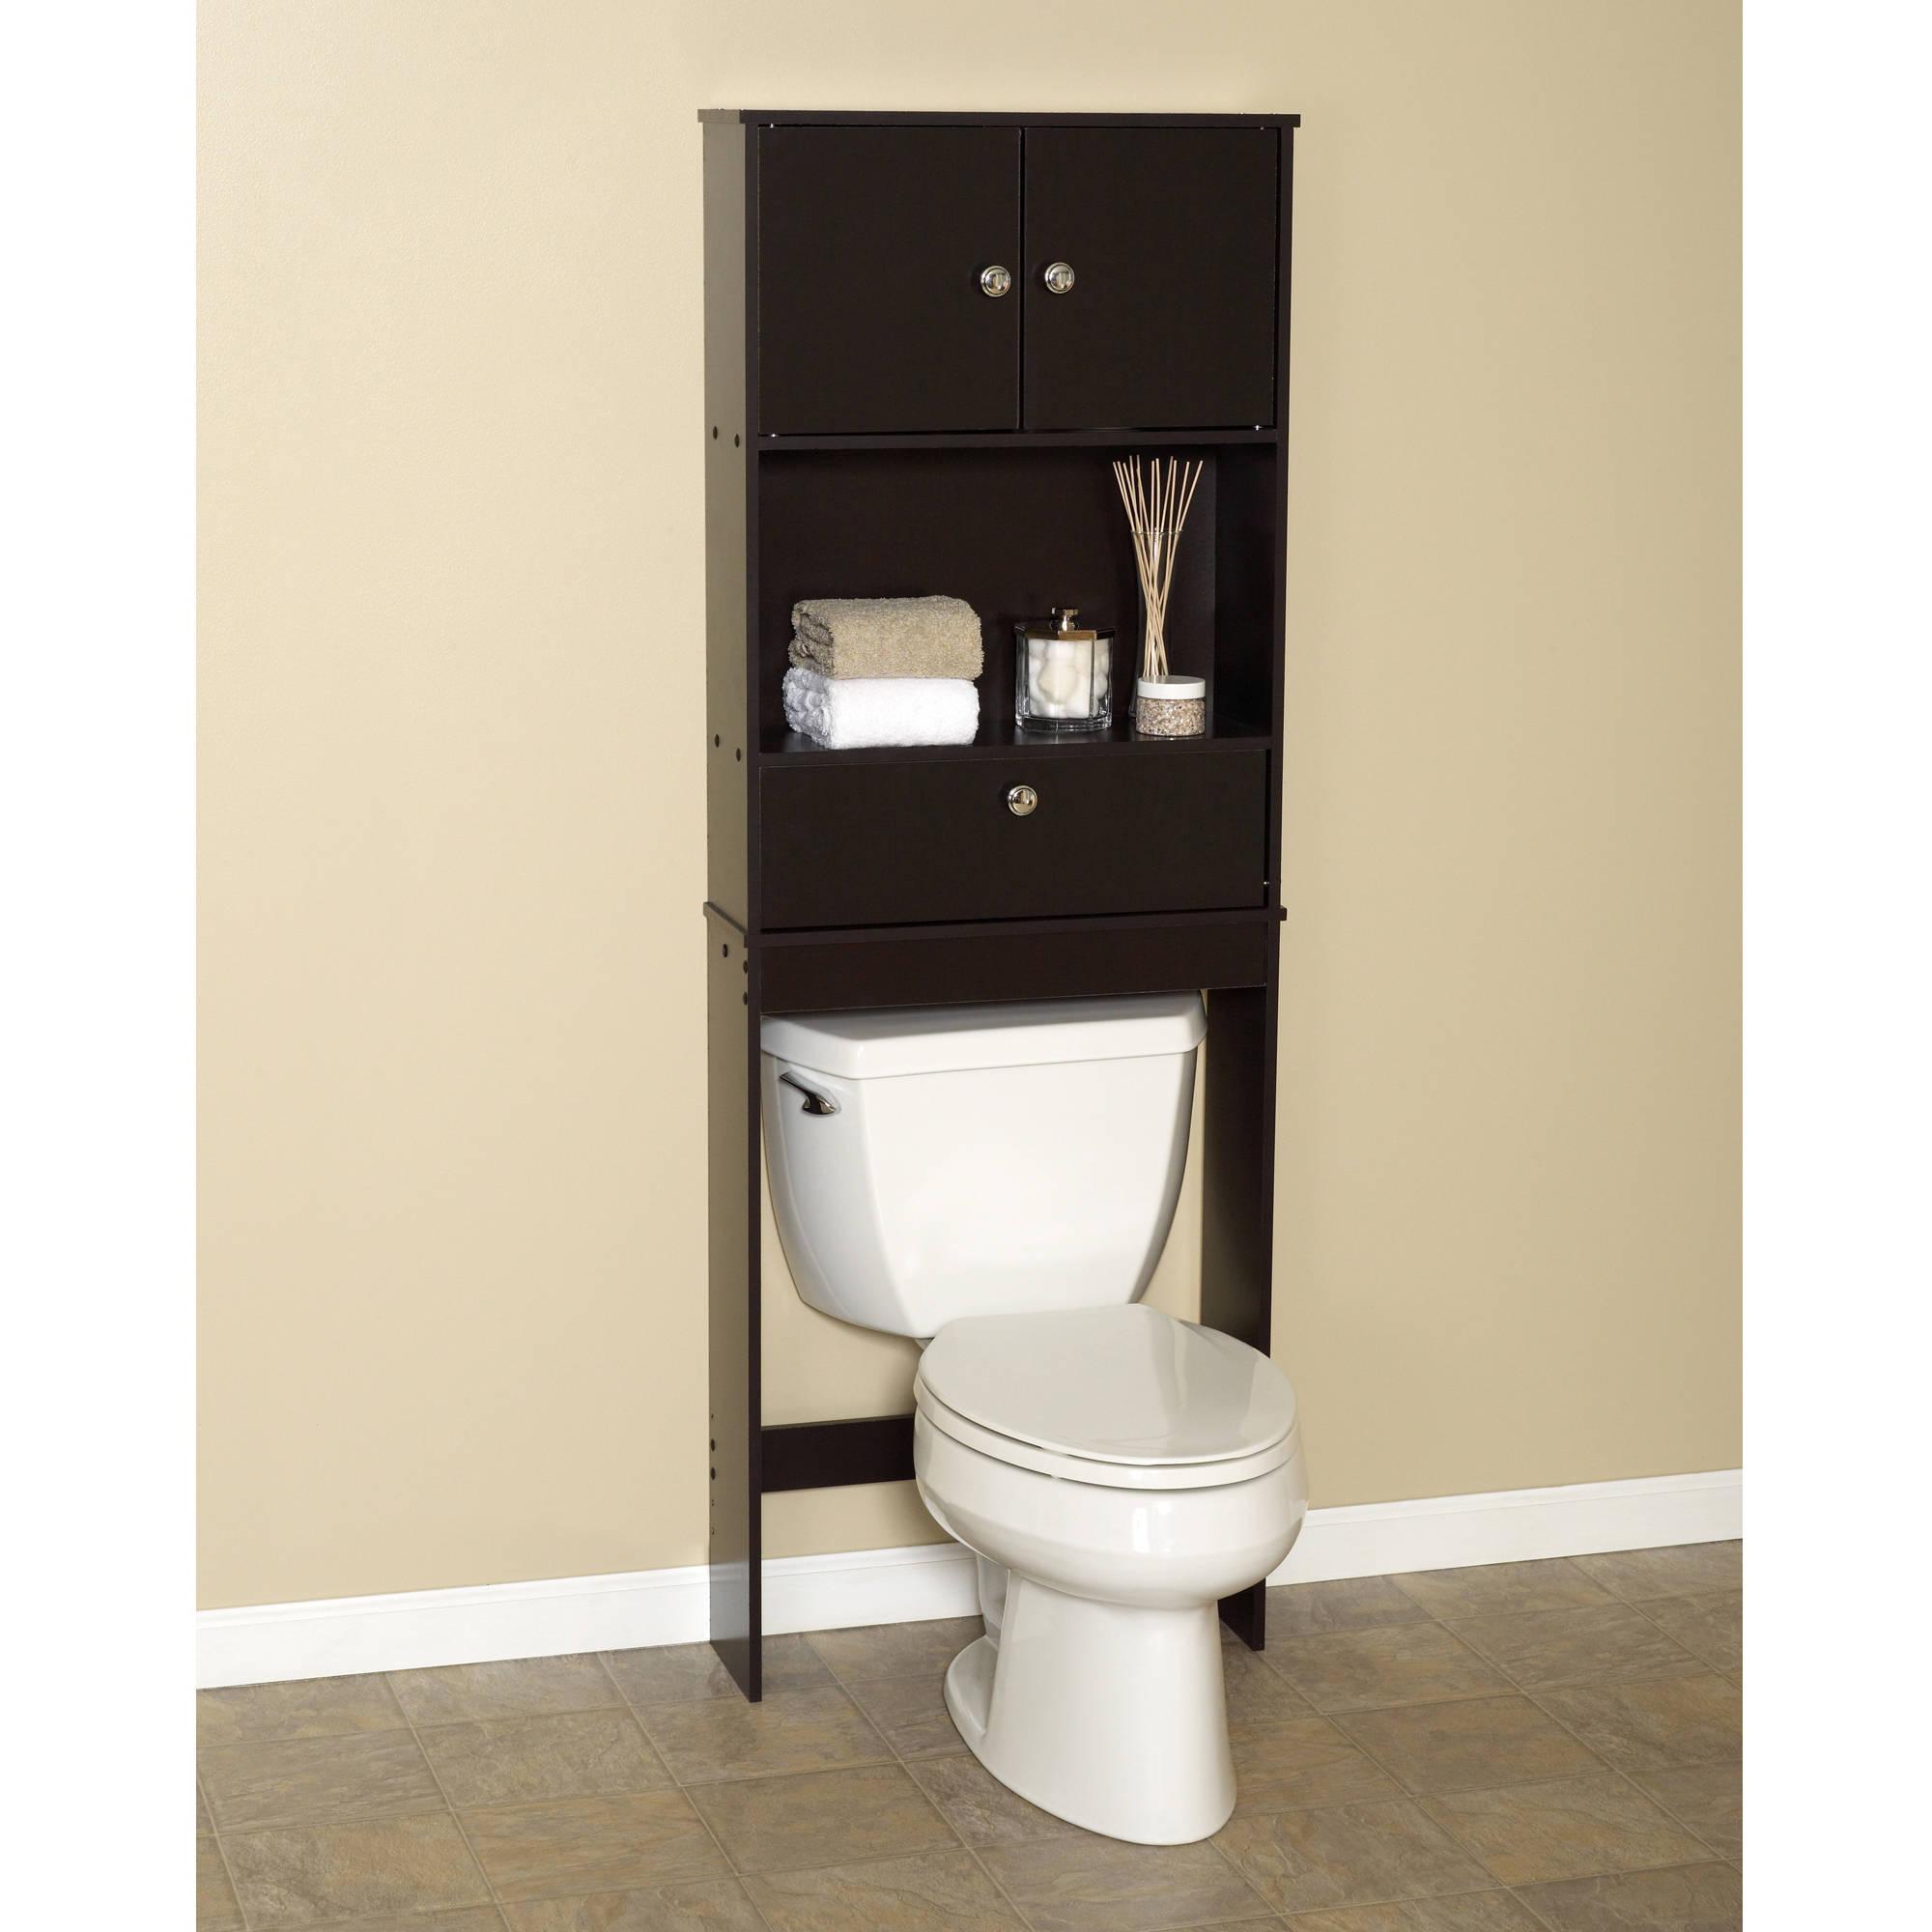 Zenna Home Drop Door Bathroom Spacesaver With 2 Door Cabinet Espresso in measurements 2000 X 2000